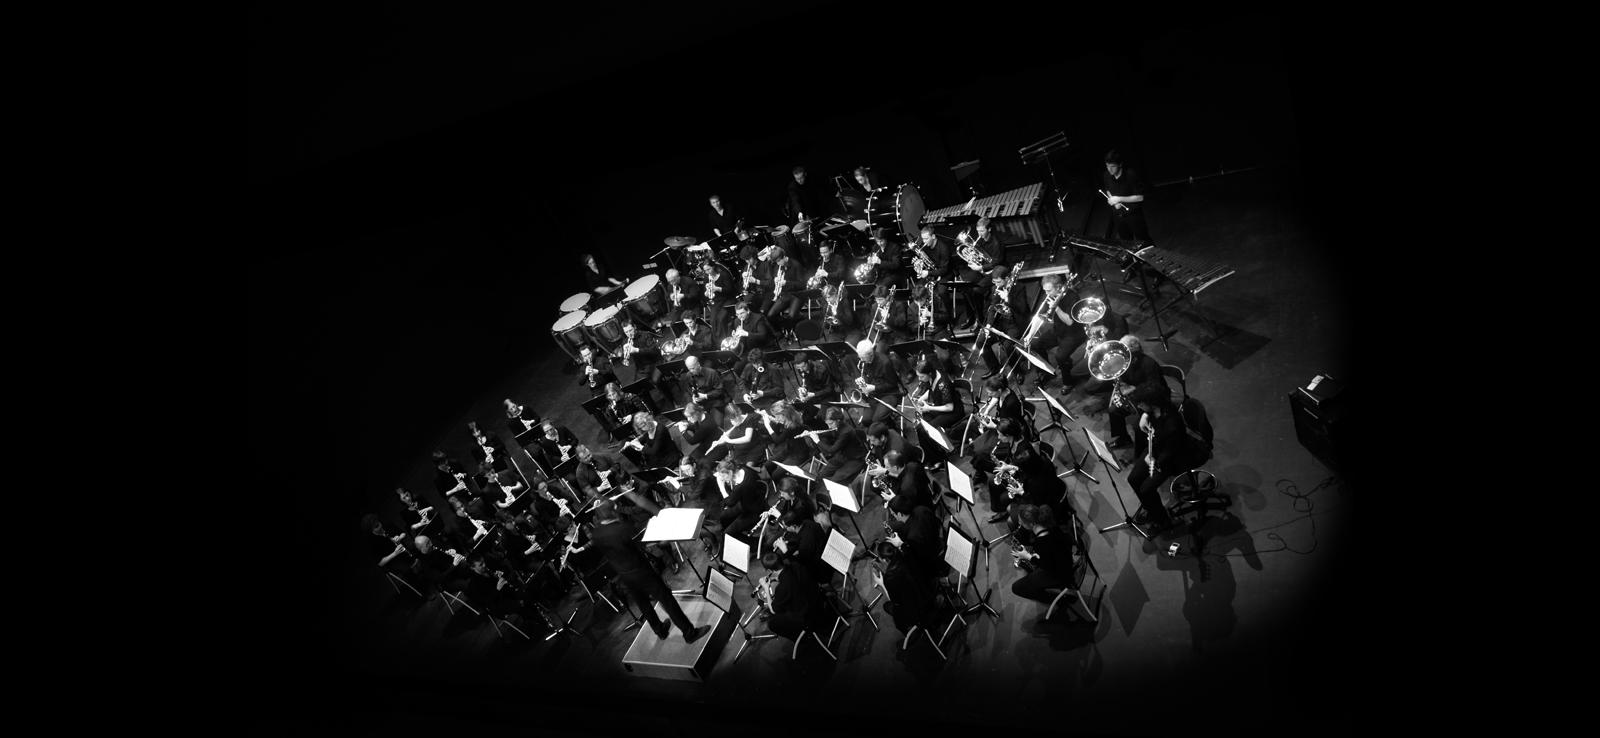 Vue generale de l'orchestre